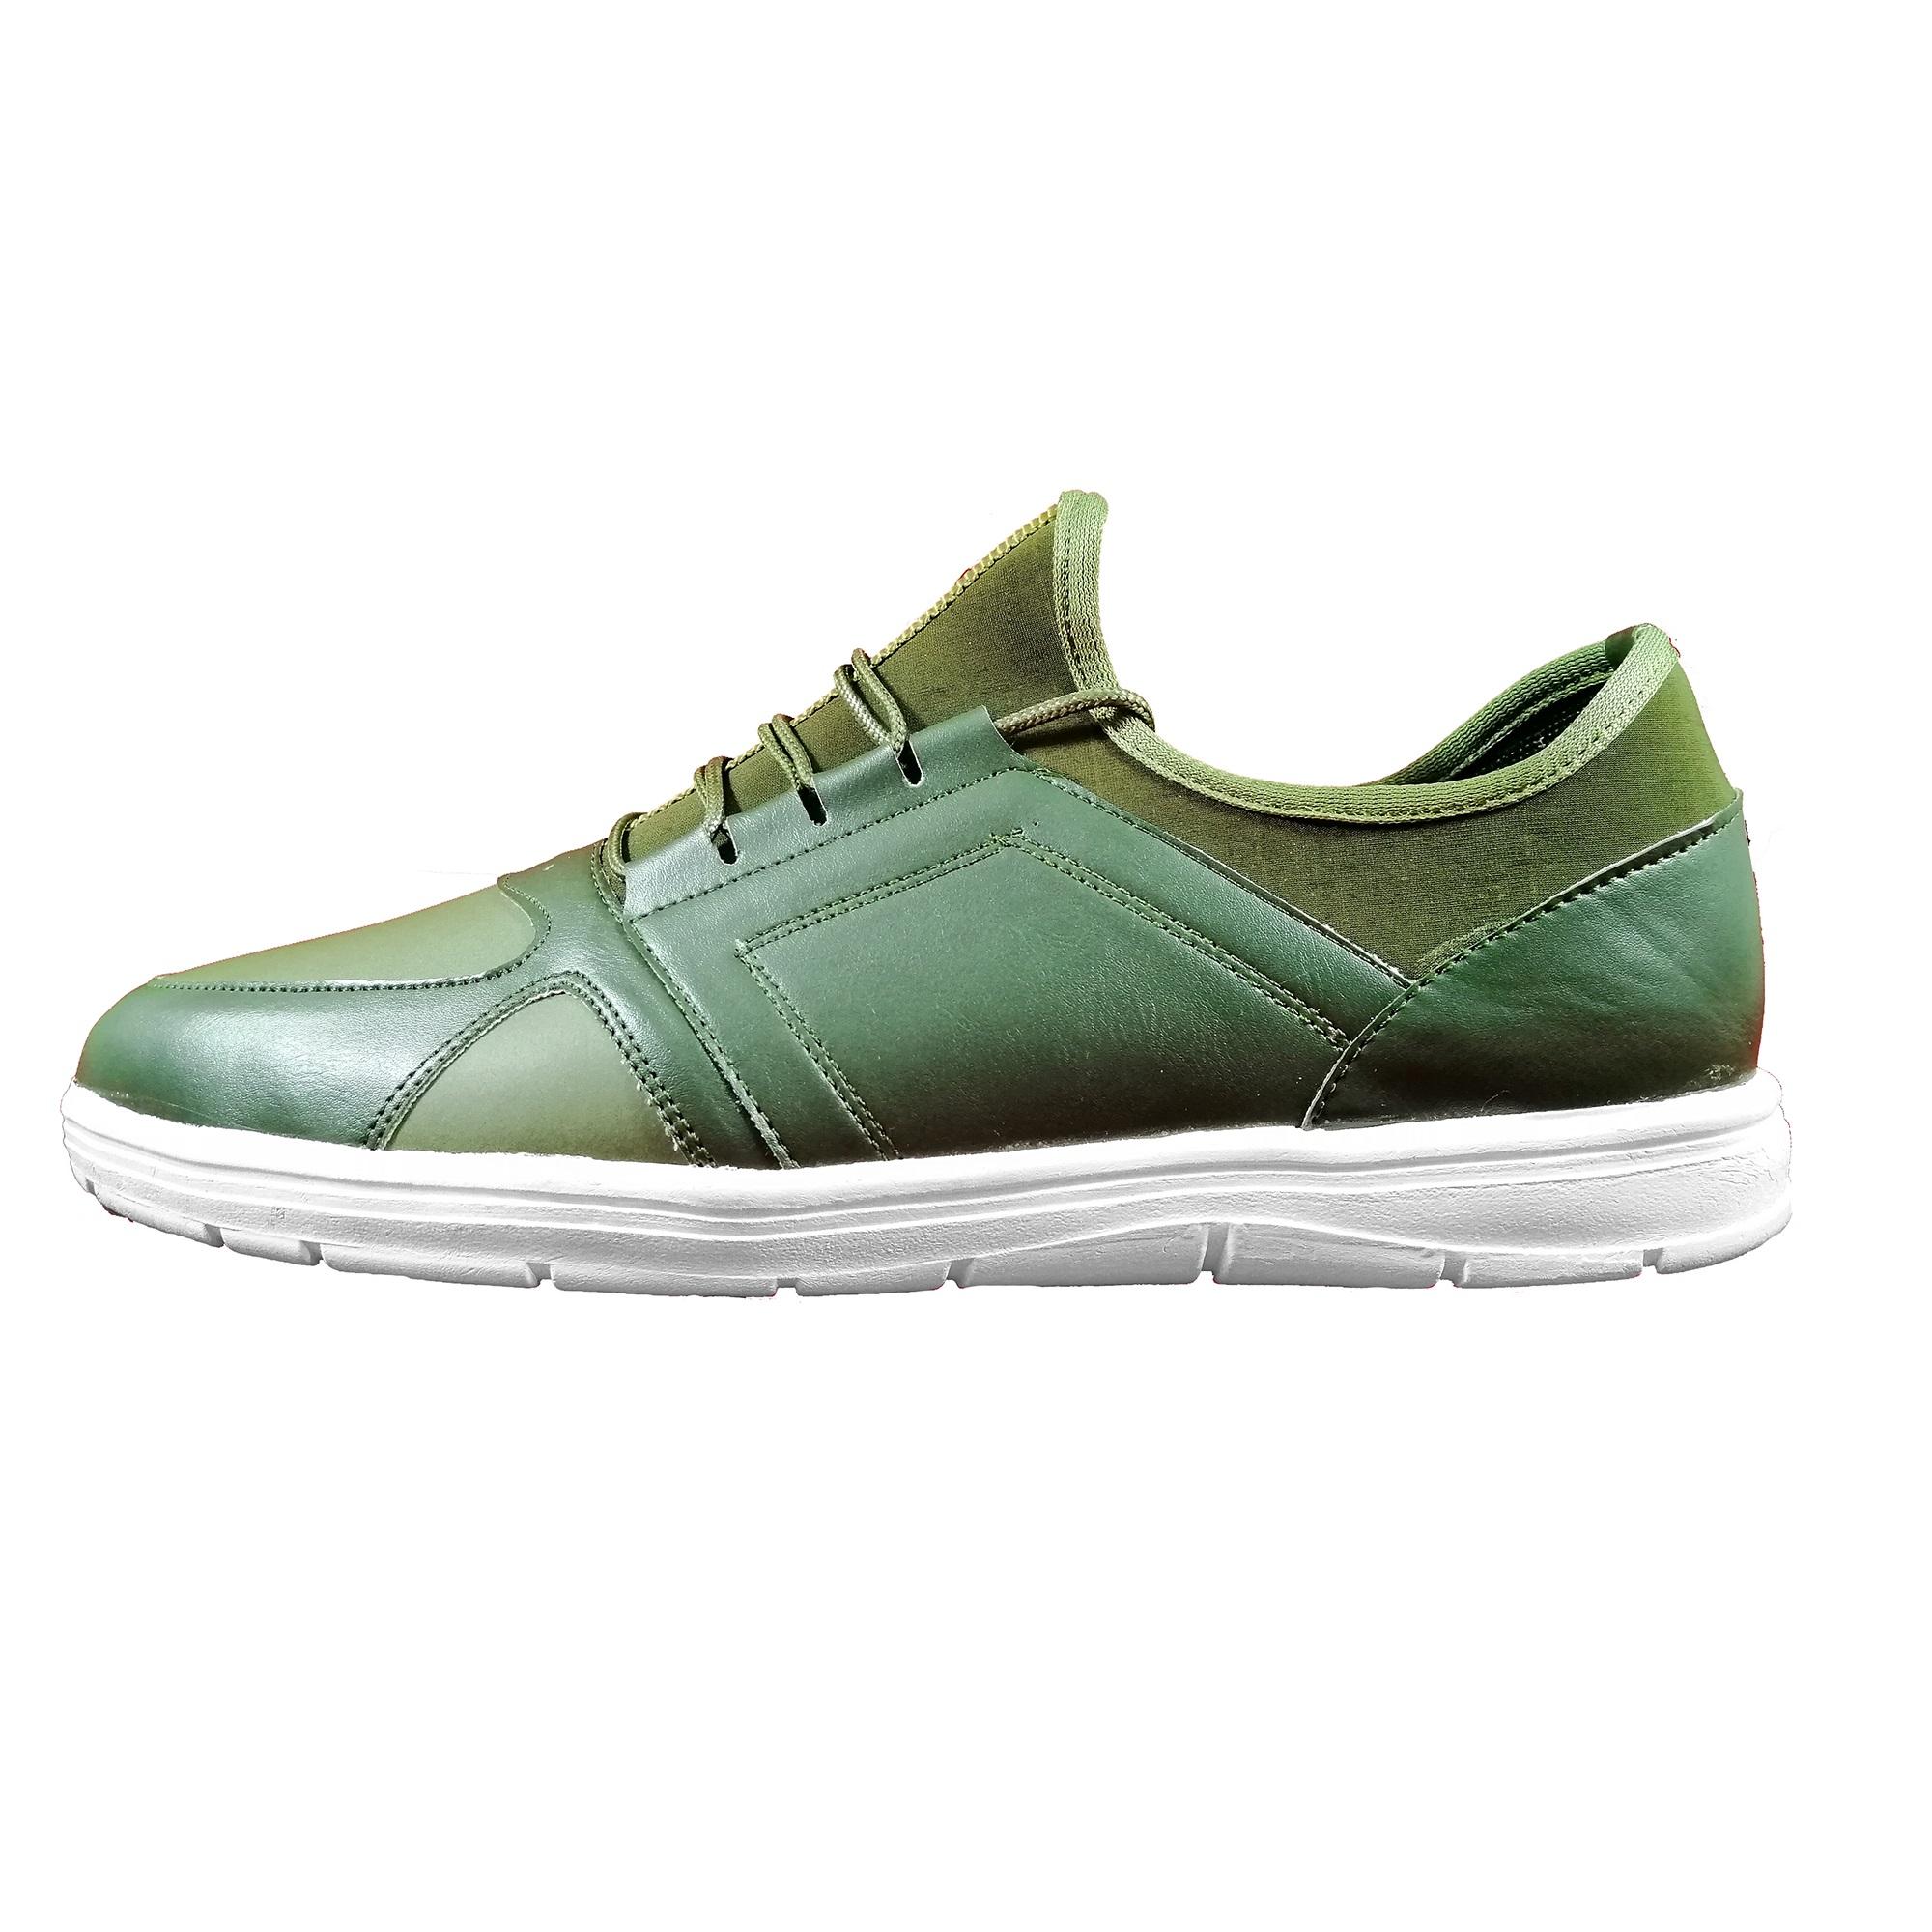 قیمت کفش راحتی مردانه کاربین مدل k.k.006